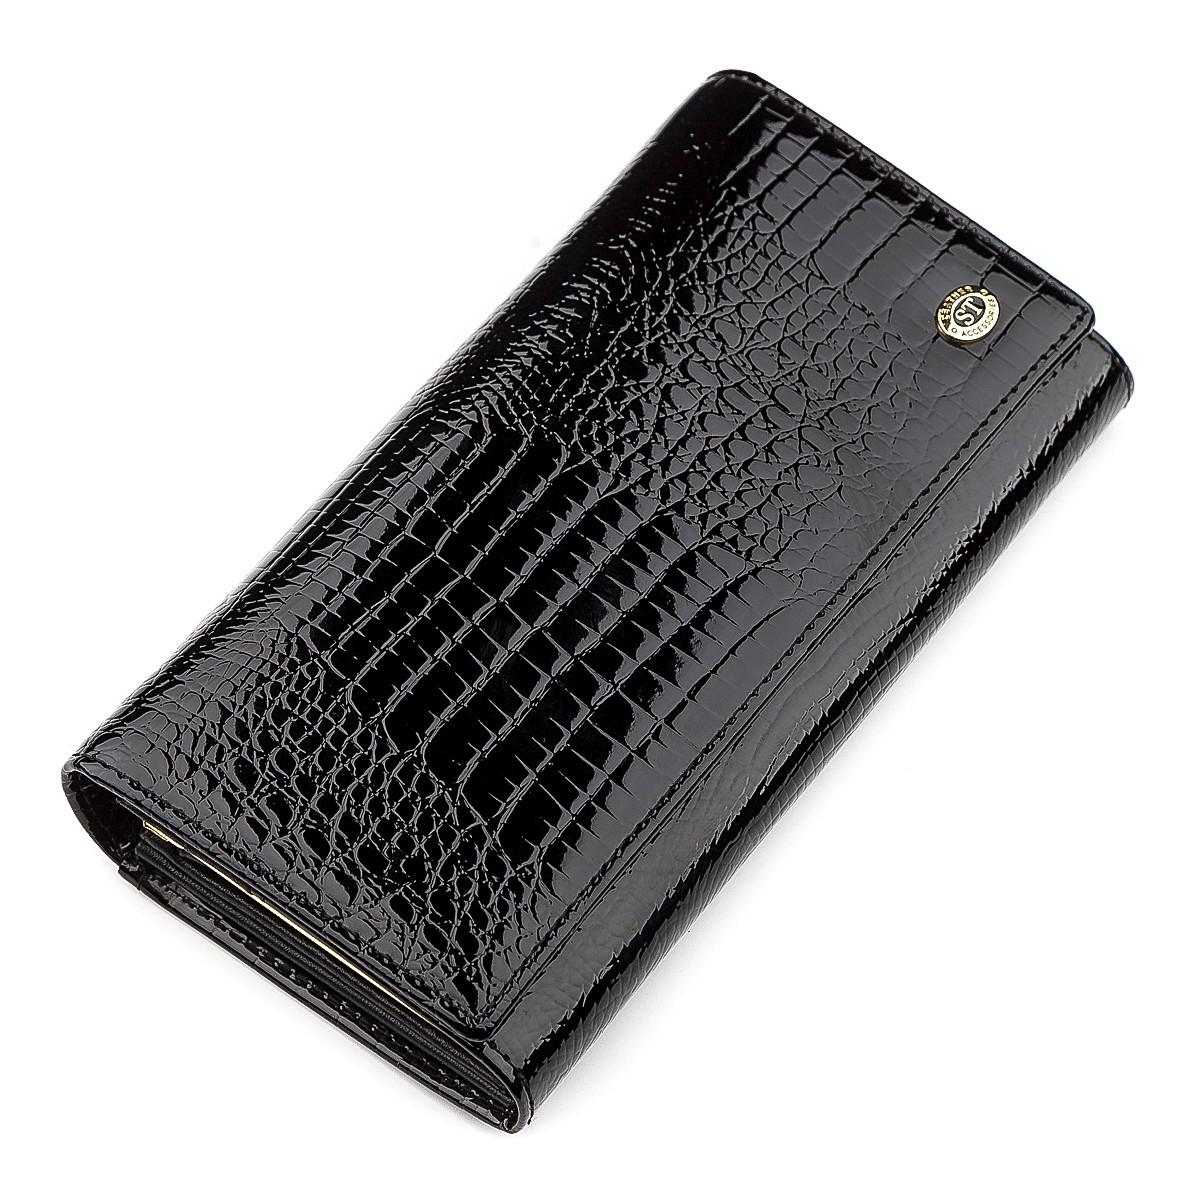 Гаманець жіночий ST Leather 18426 (S6001A) шкіряний Чорний, Чорний